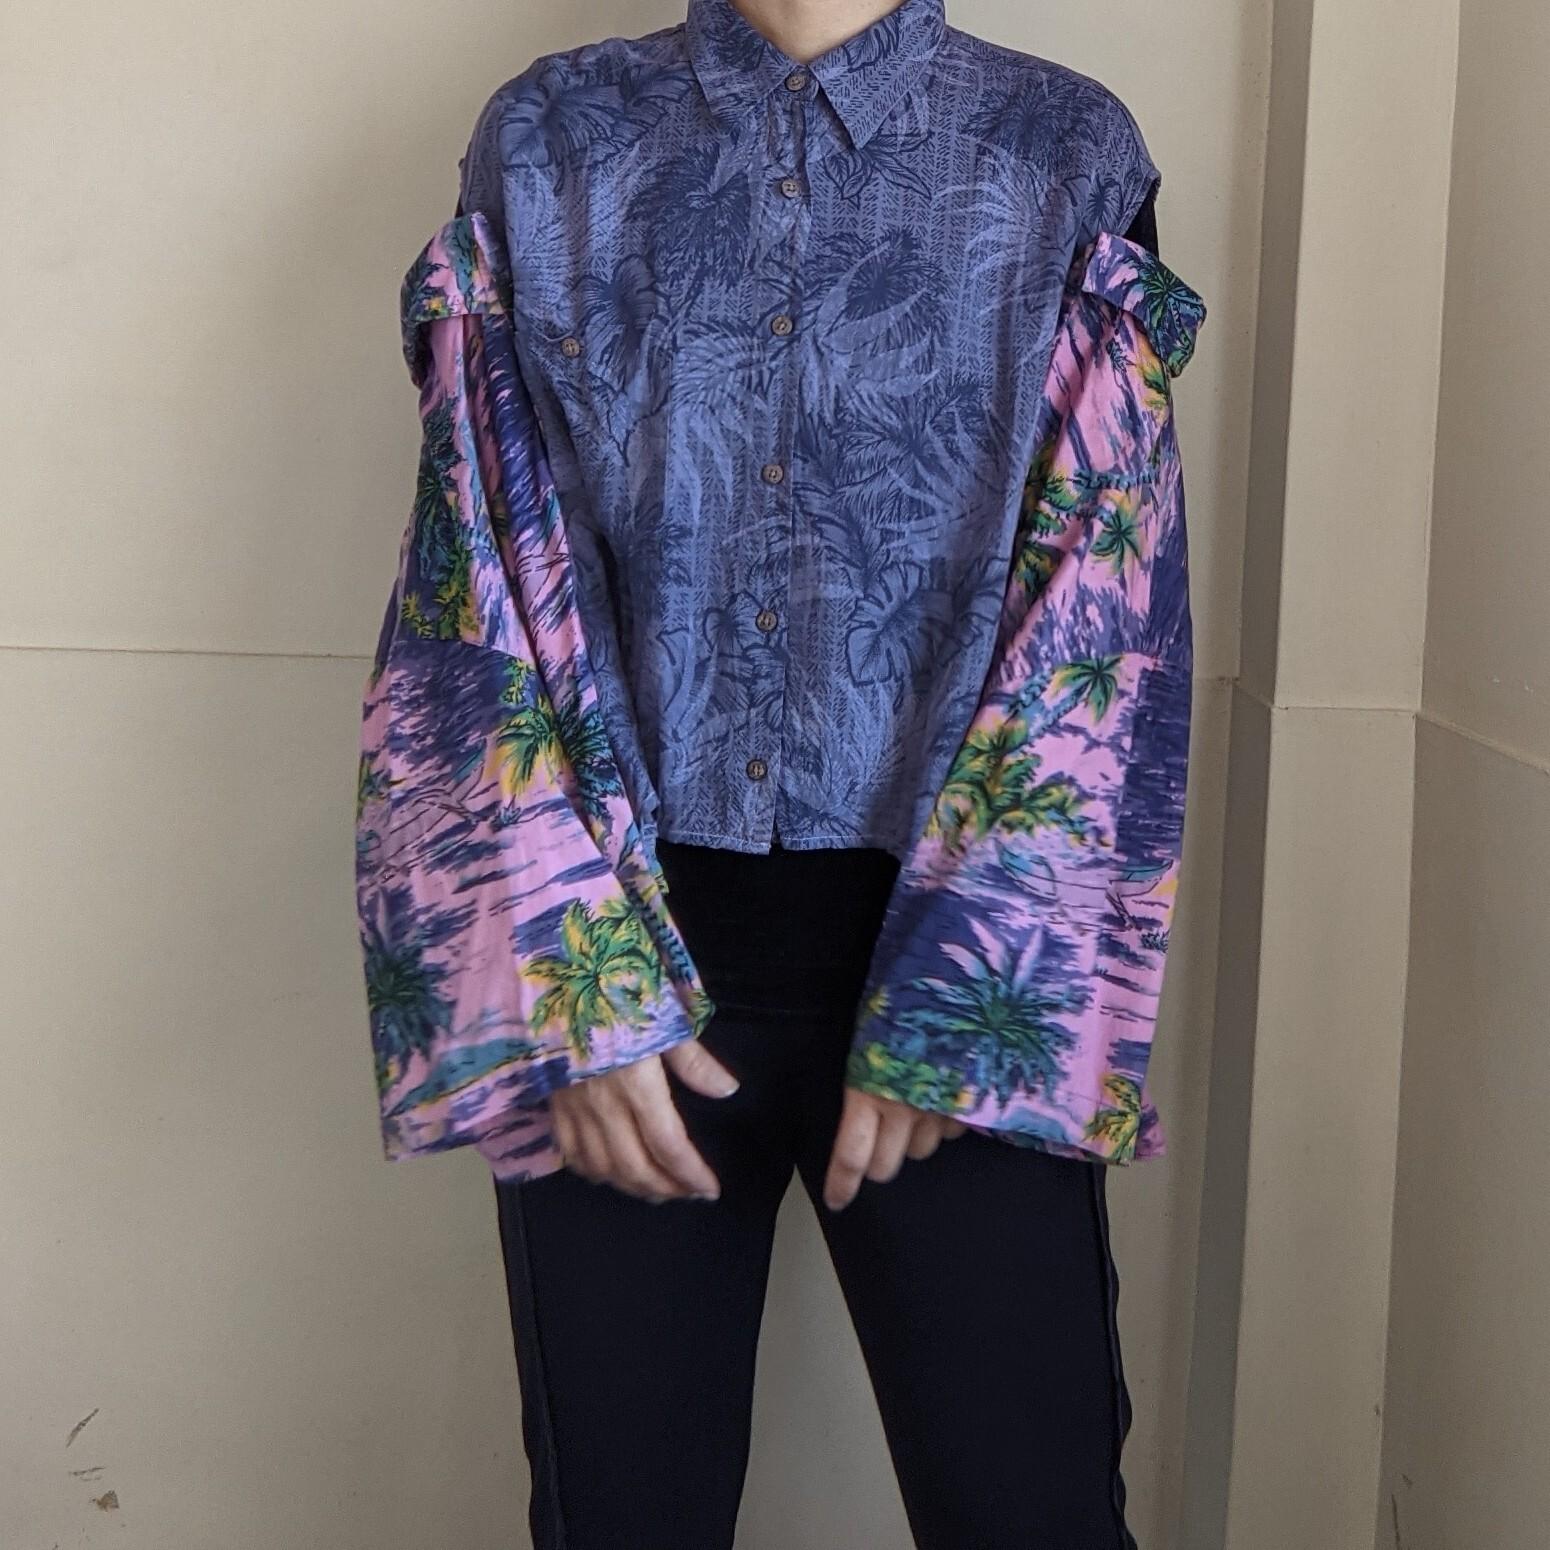 【 REHERSALL 】リハーズオール / W Aloha Shirt / ダブルアロハシャツ / リメイク